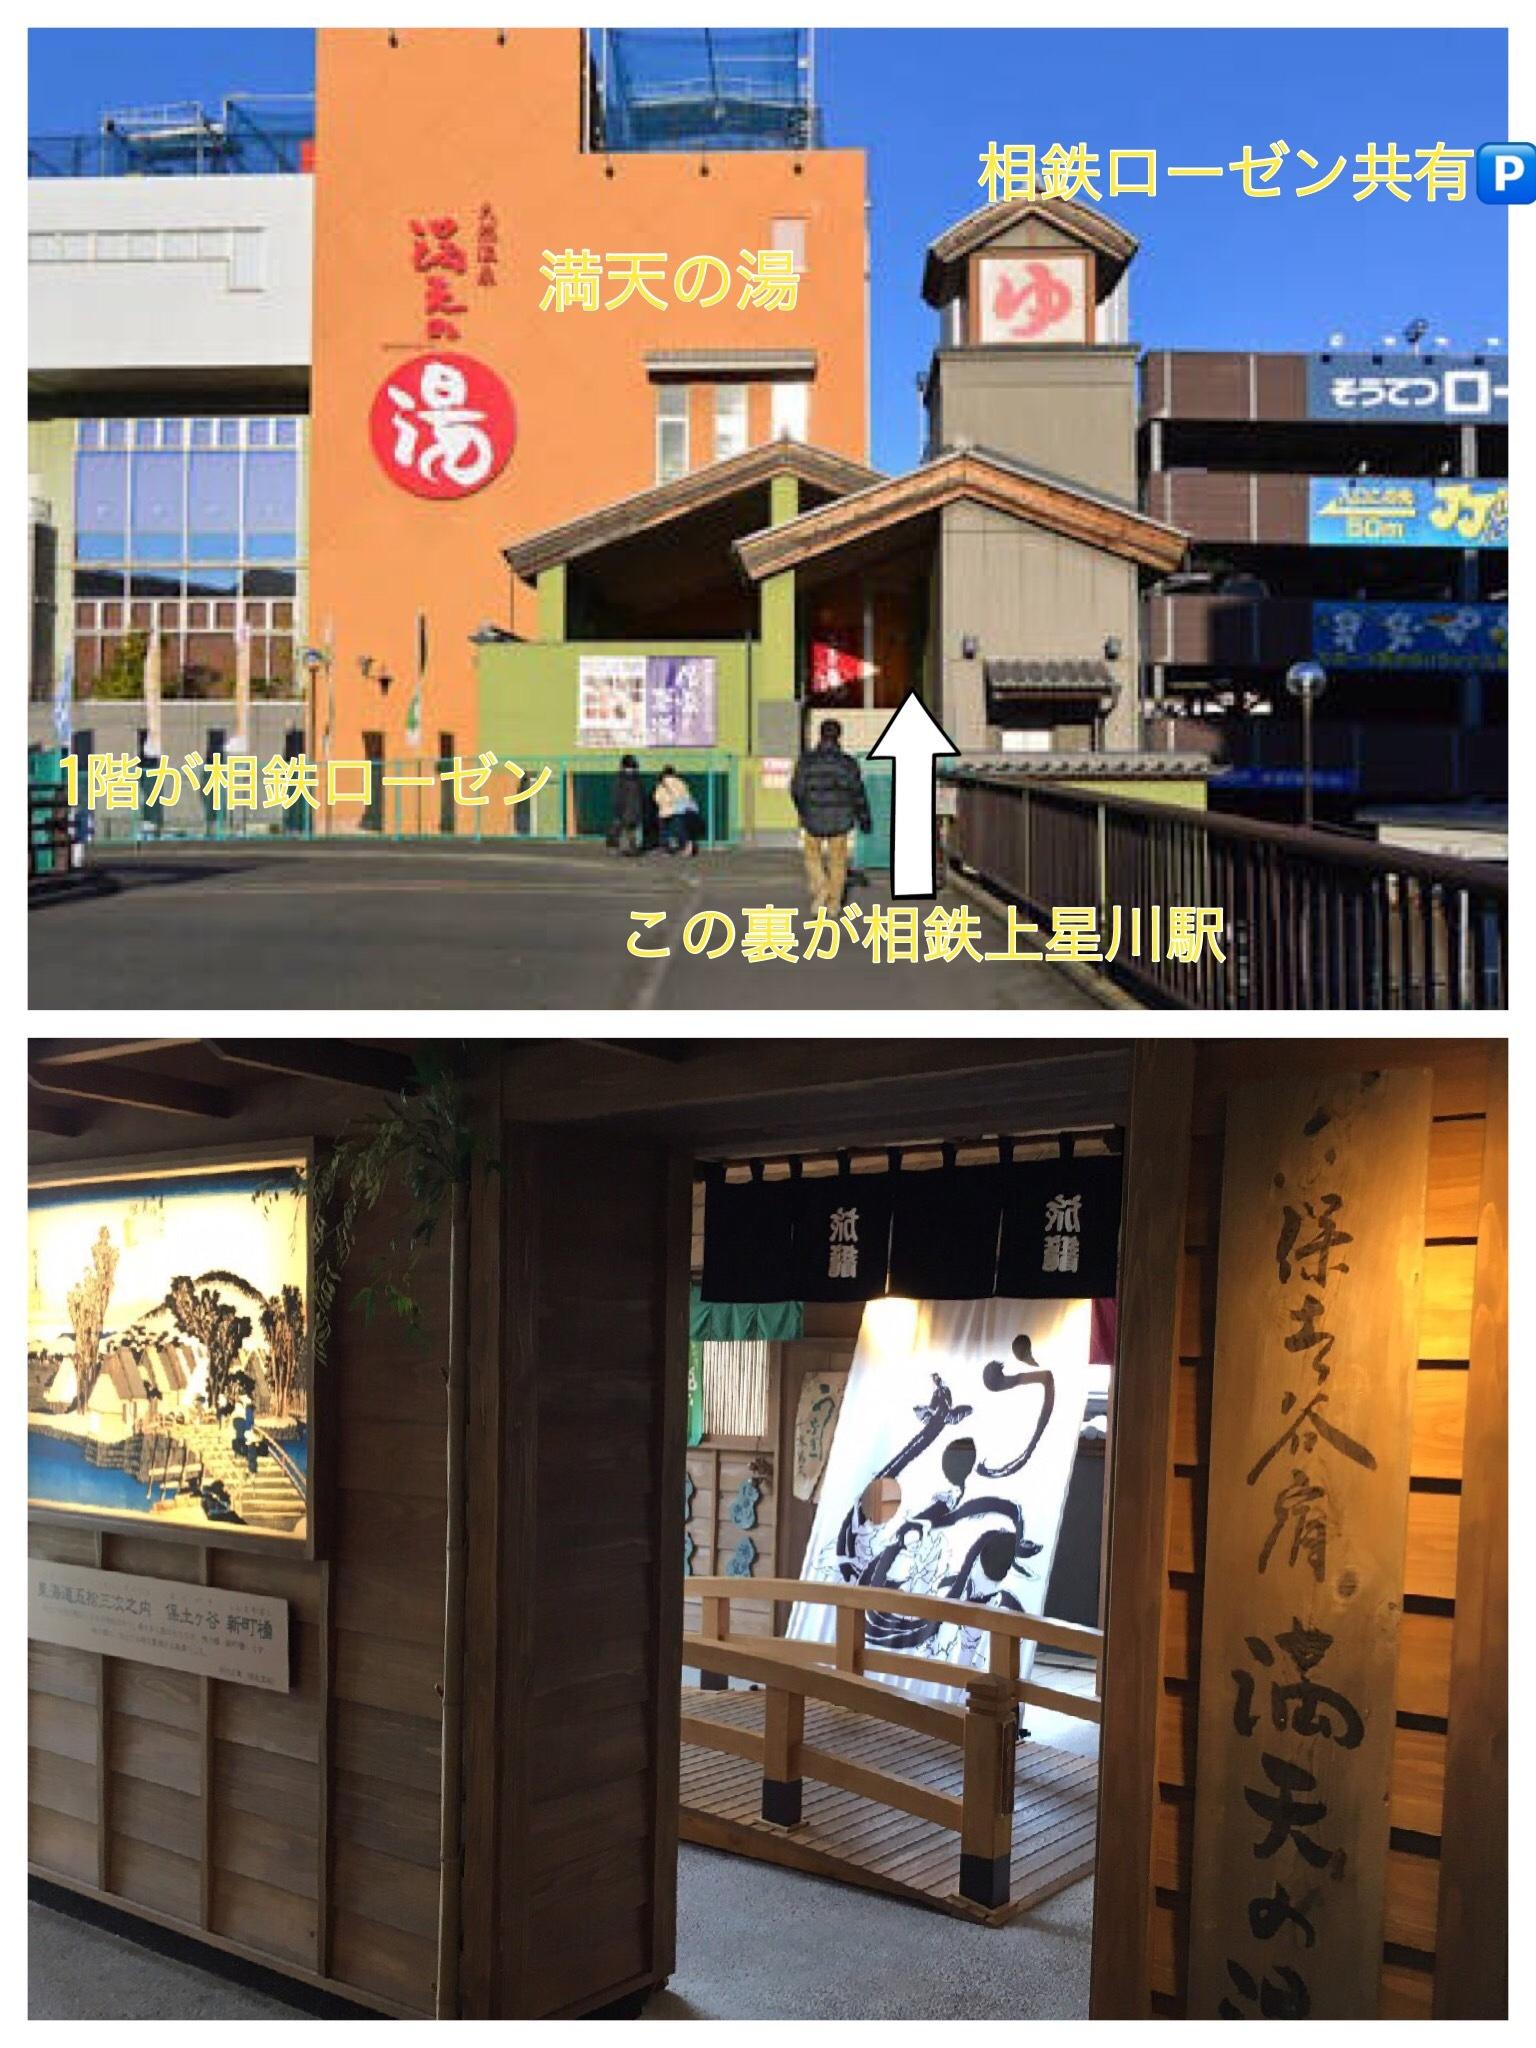 天然温泉 満天の湯 横浜保土ヶ谷 上星川